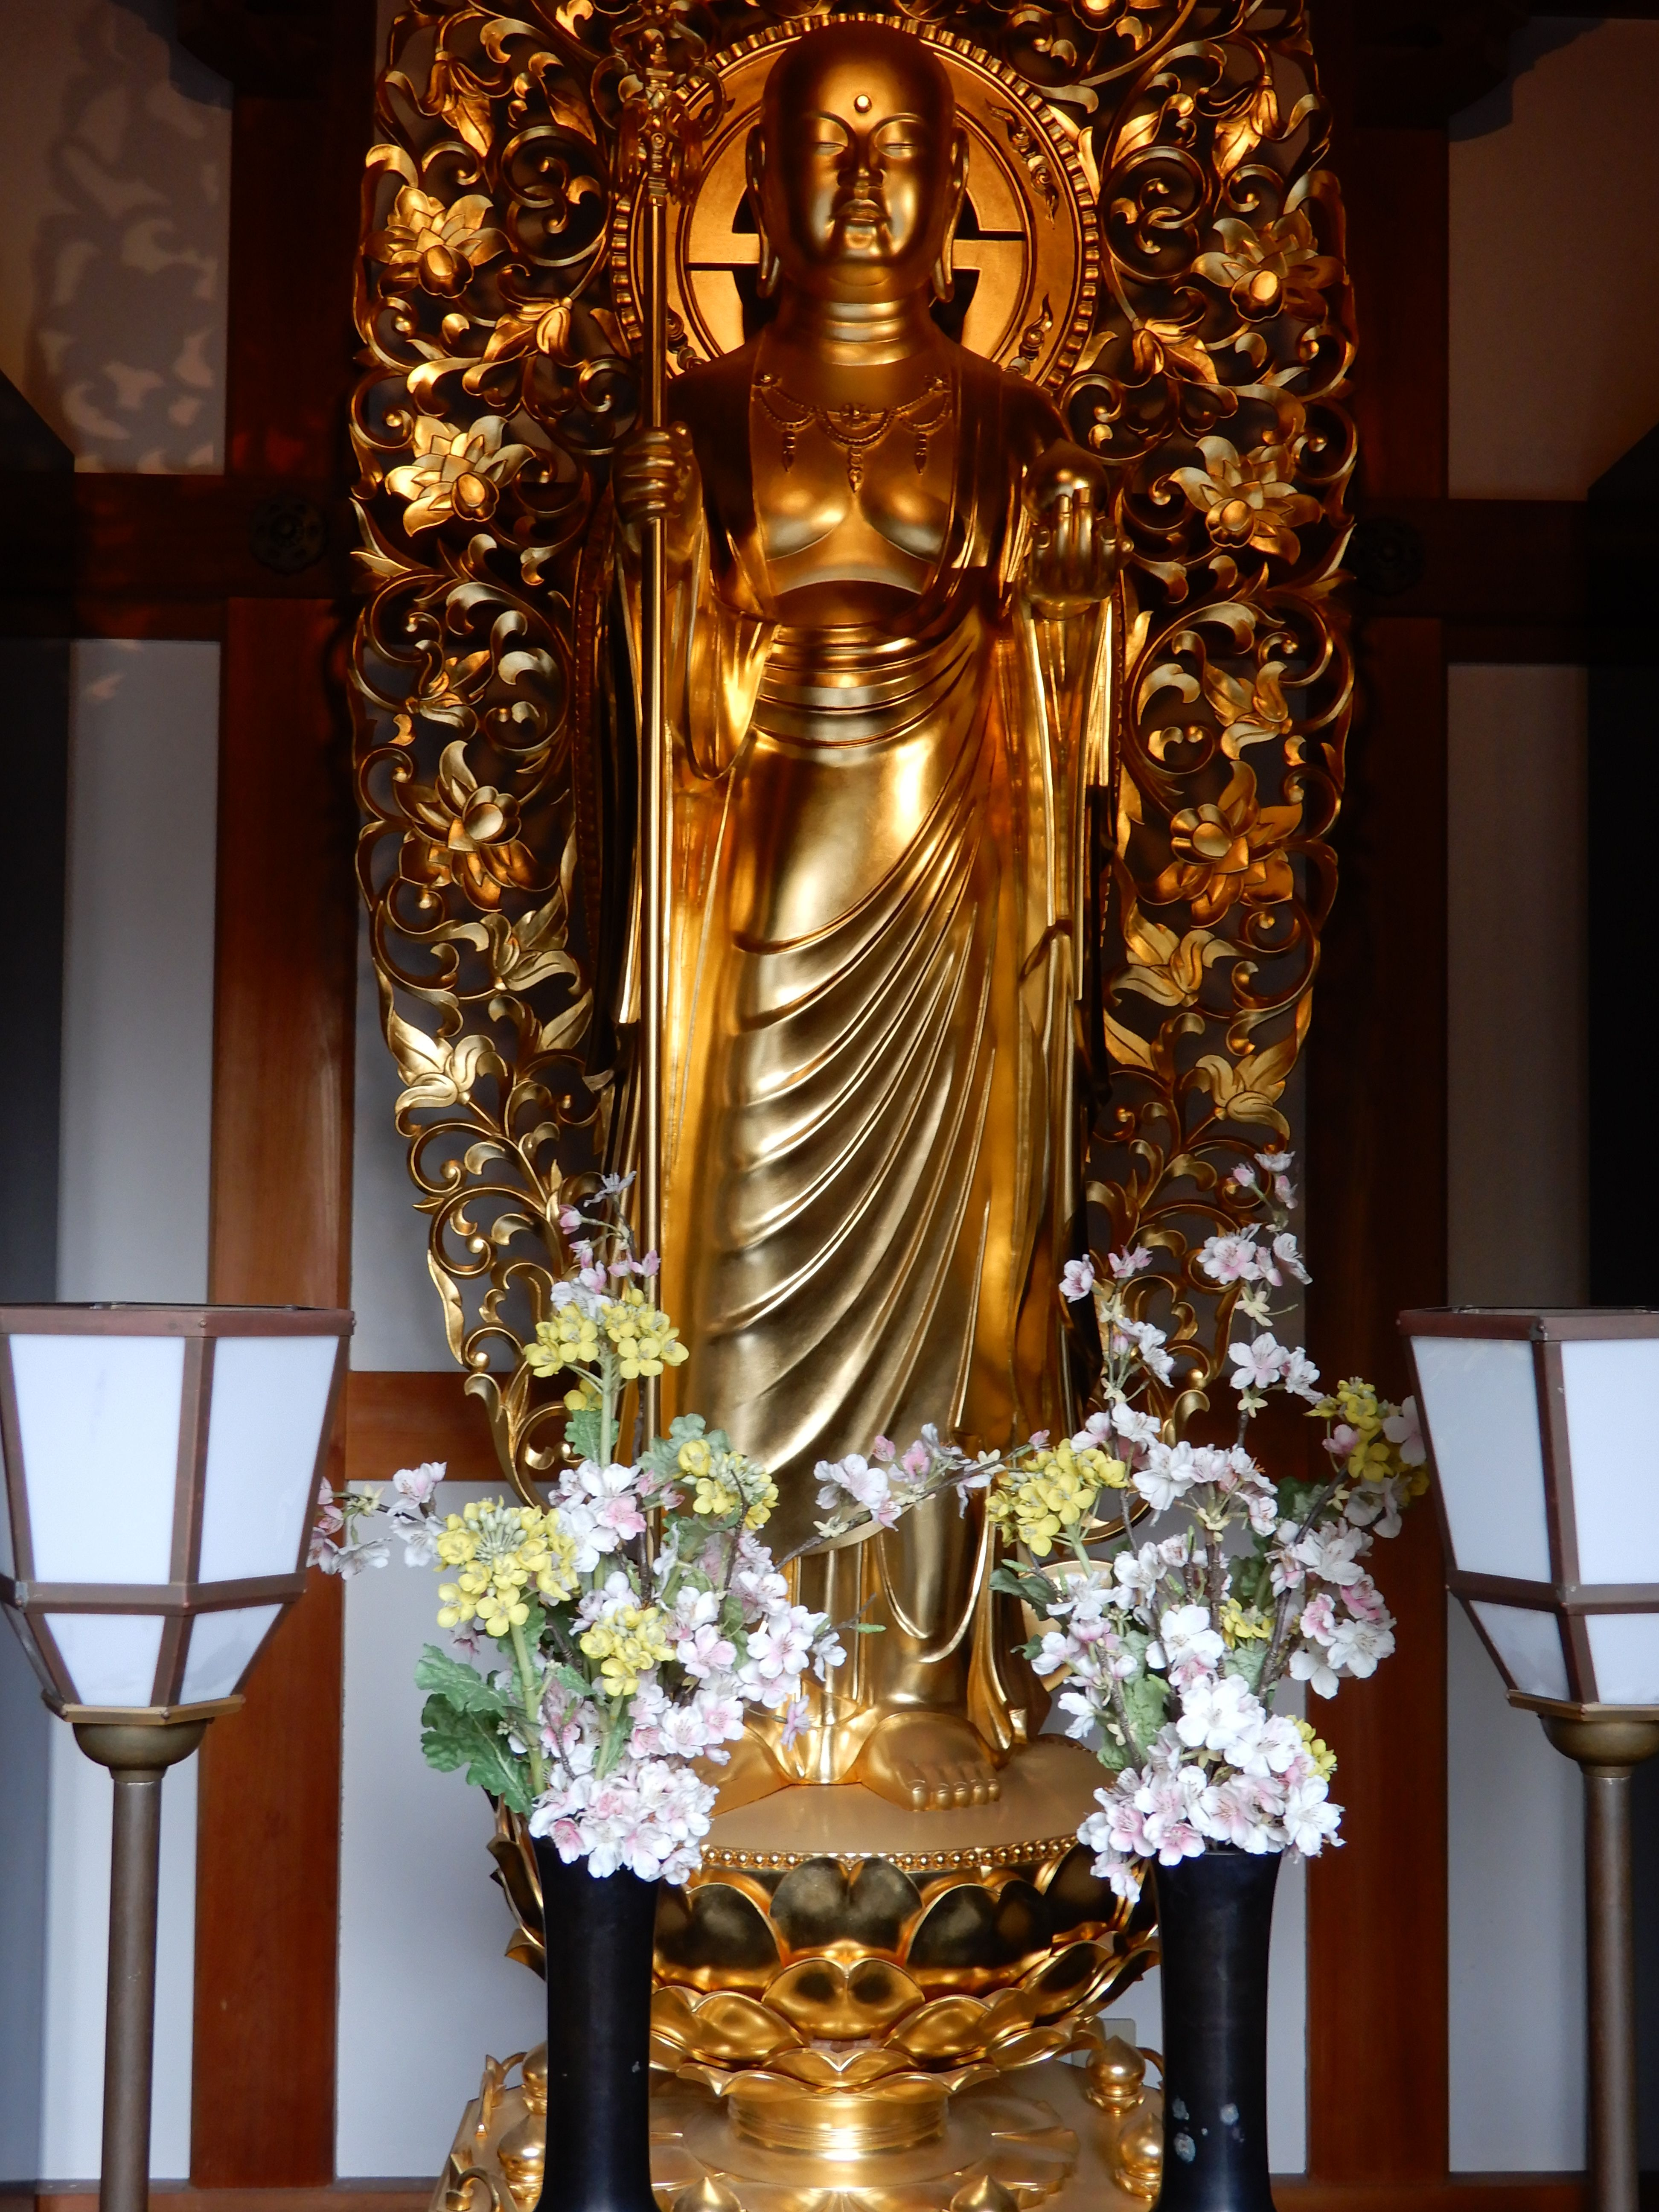 Kannon Goddess of Mercy Hase Buddist Temple Kamkura